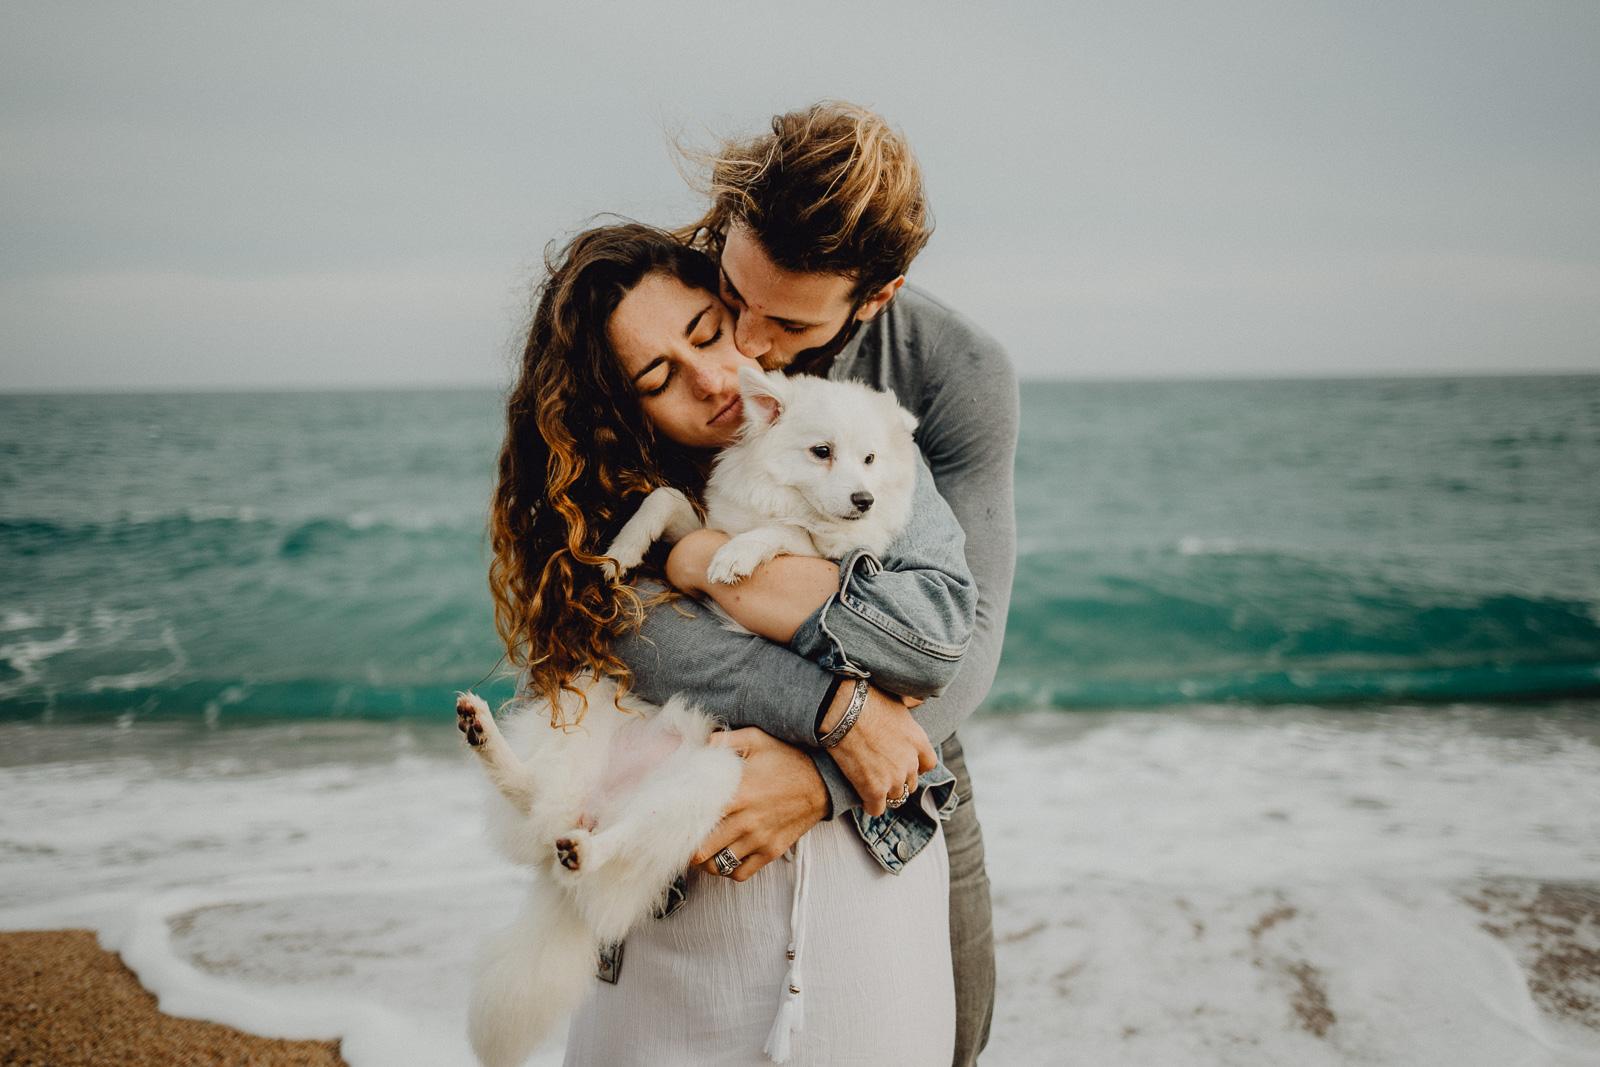 Puppy Love at the Beach (Rural Workshop) by Sabrina Friedrich